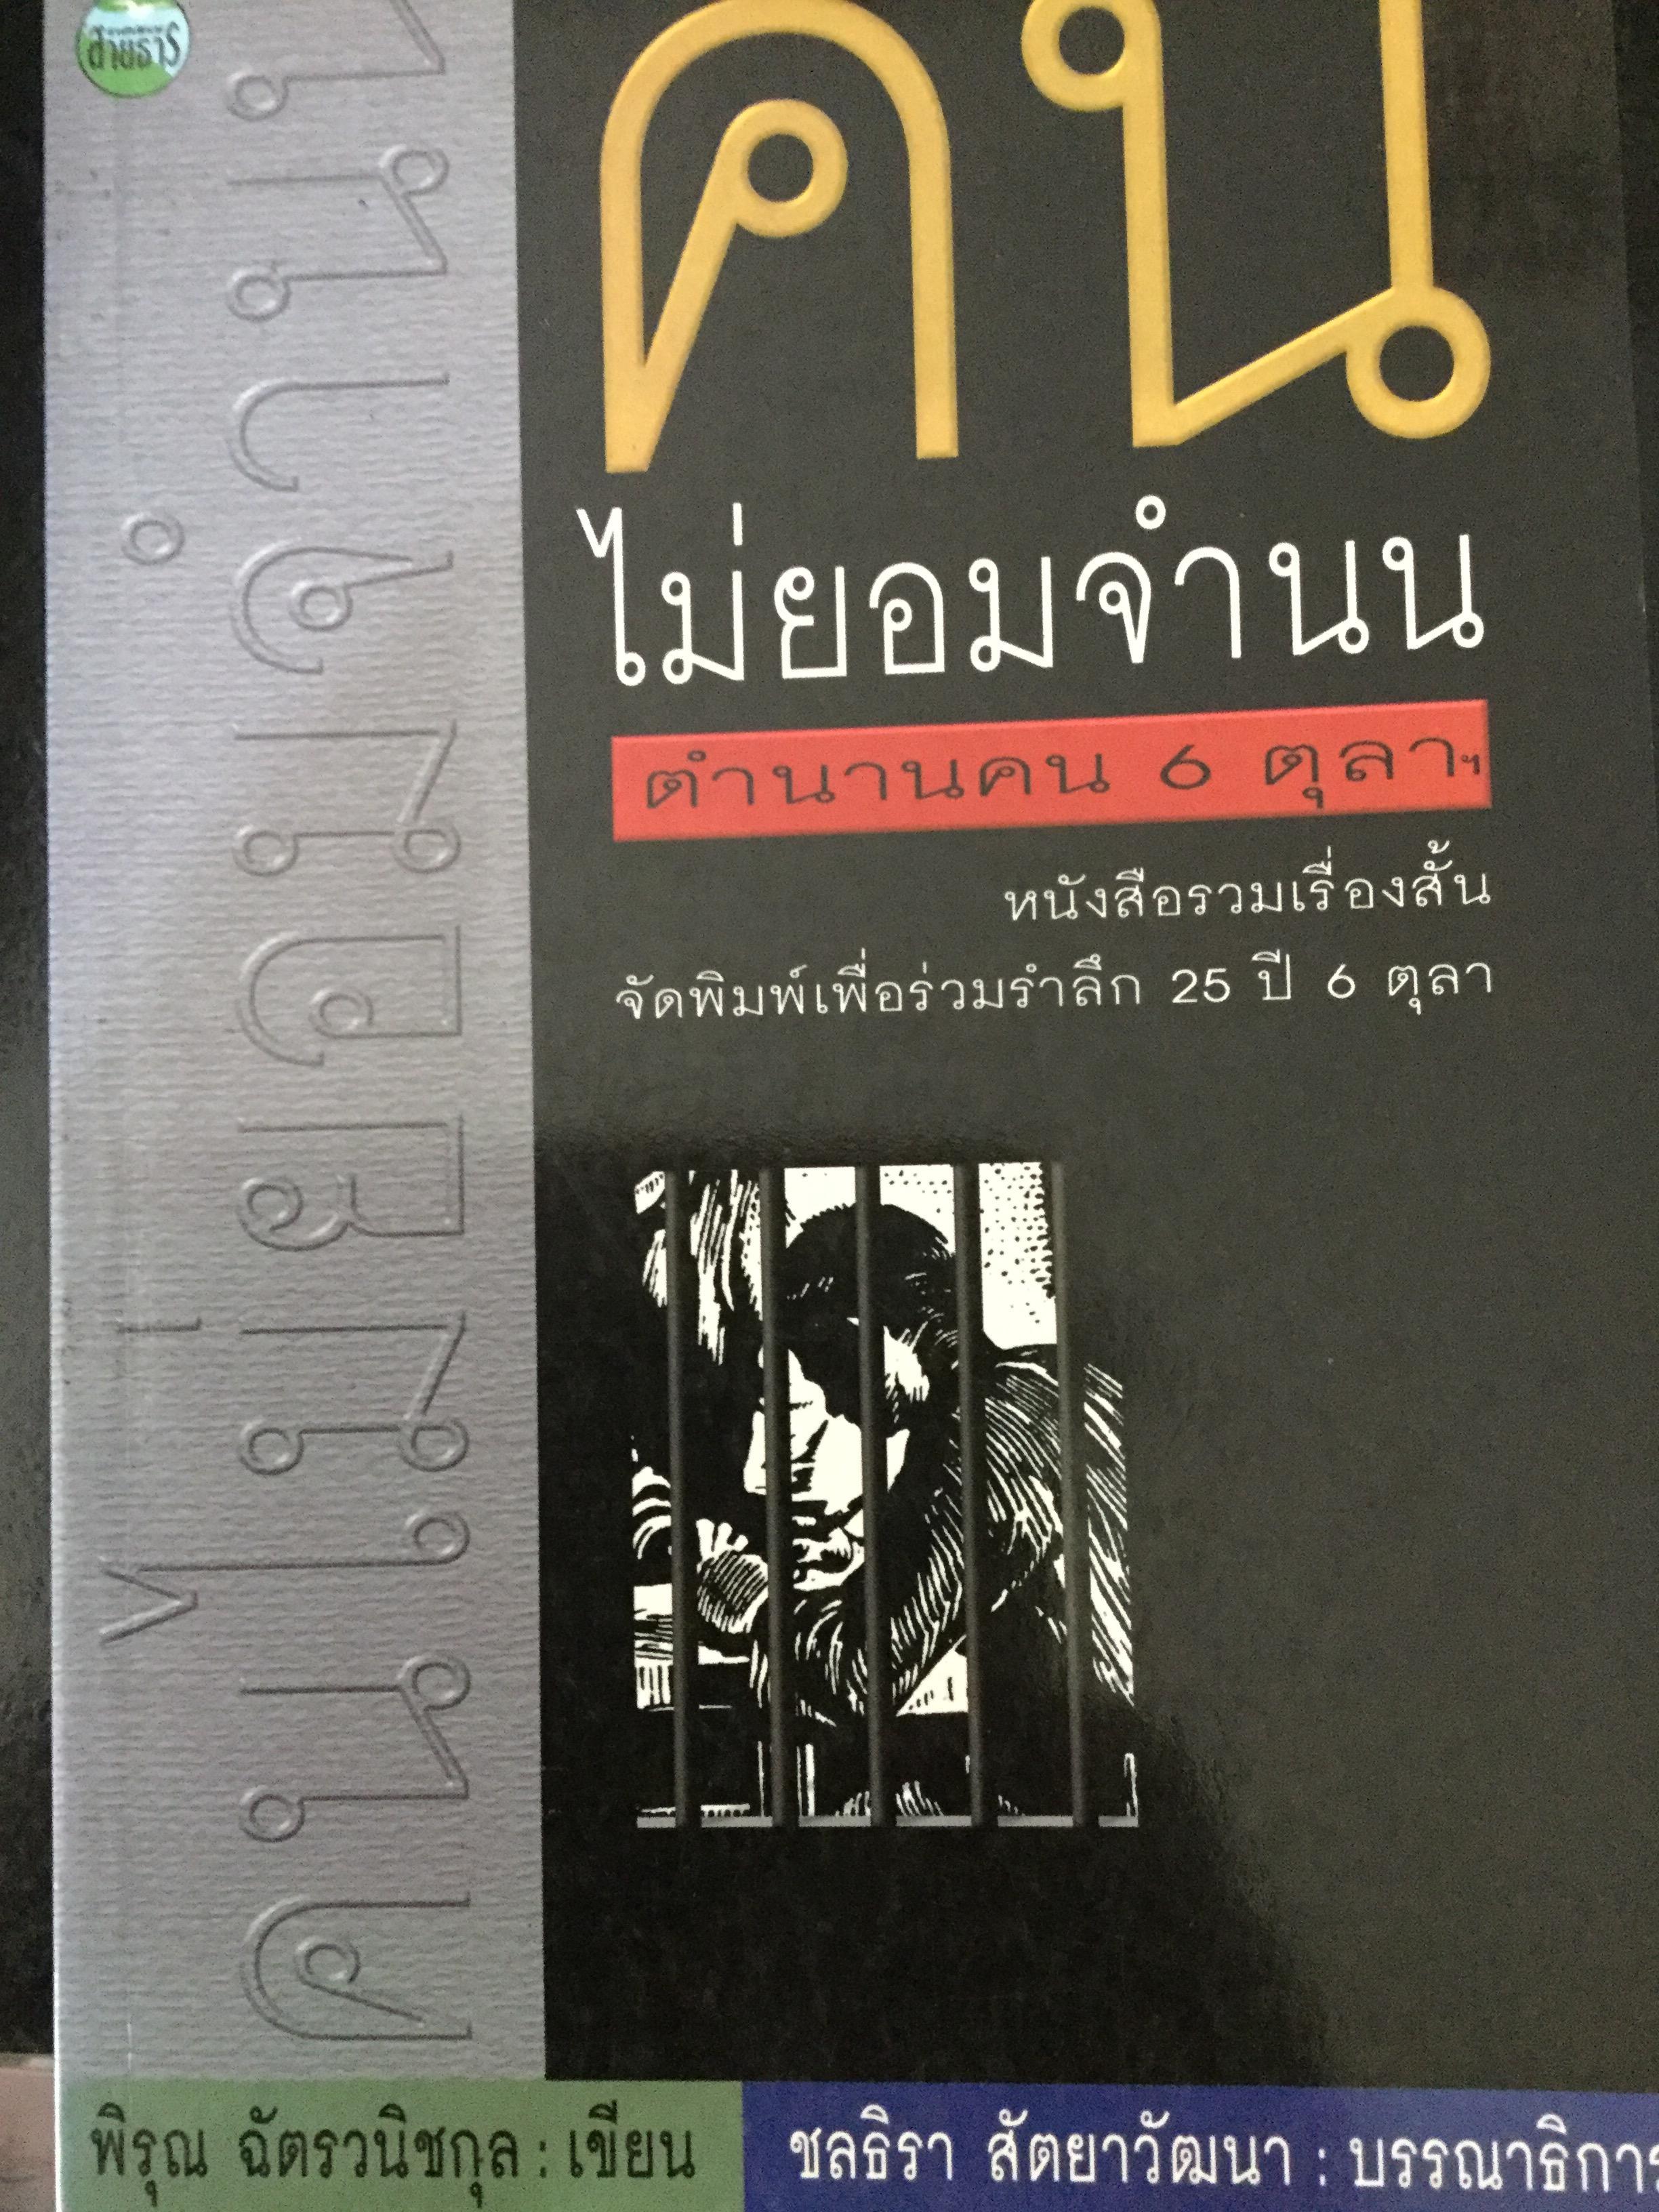 คนไม่ยอมจำนน ตำนานคน 6 ตุลาฯ หนังสือรวมเรื่องสั้น จัดพิมพ์เพื่อร่วมรำลึก 25 ปี 6 ตุลา ผู้เขียน พิรุณ ฉัตรวณิช